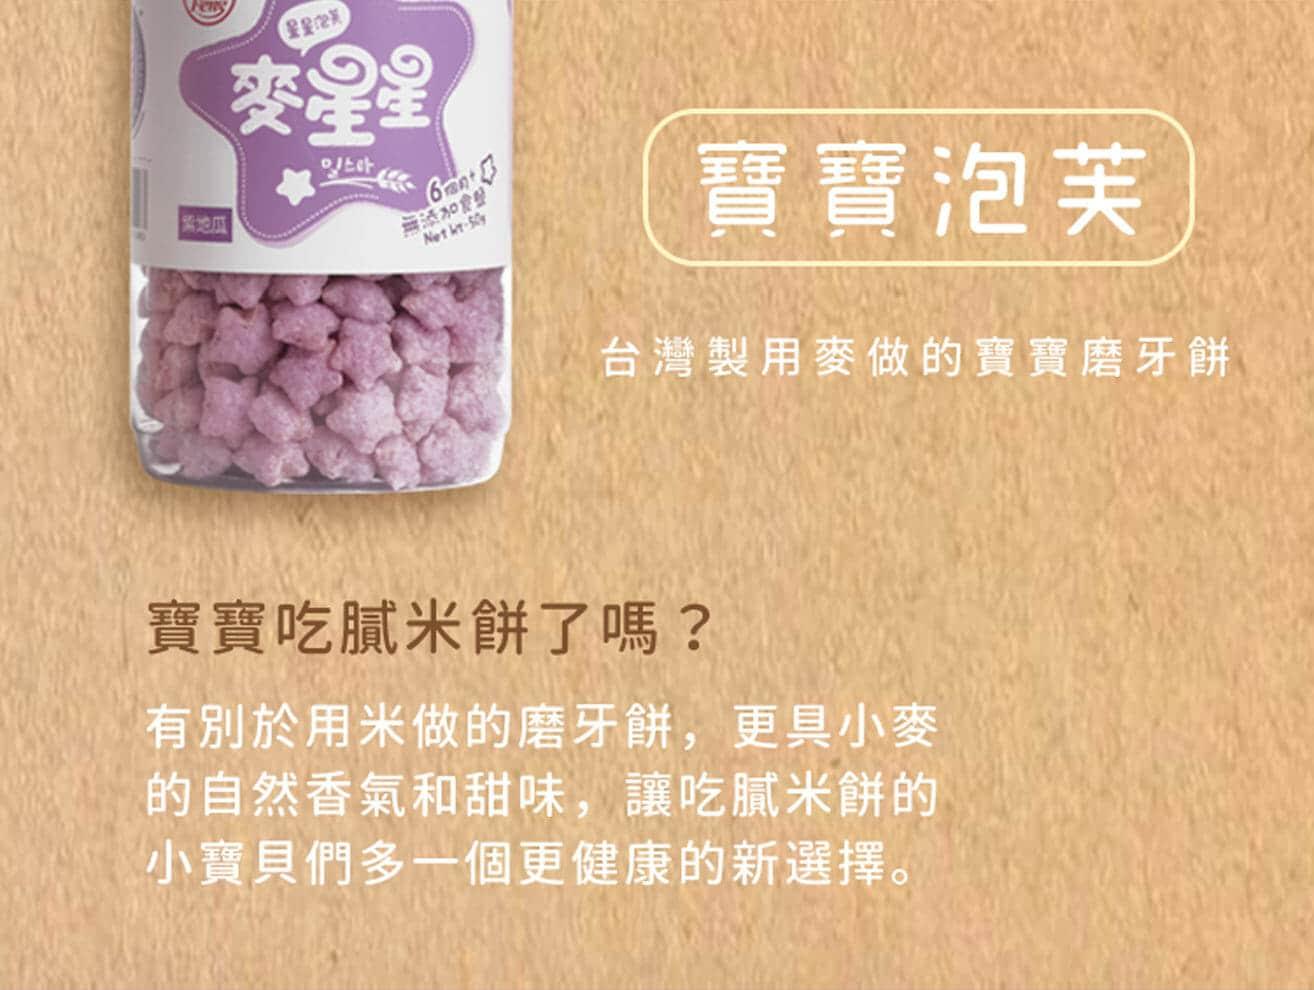 麥星星的特色,寶寶泡芙是台灣製,用麥做的寶寶磨牙餅。比起用米做的磨牙餅,更多了麥的自然香氣與甜味,是寶寶餅乾的新選擇。